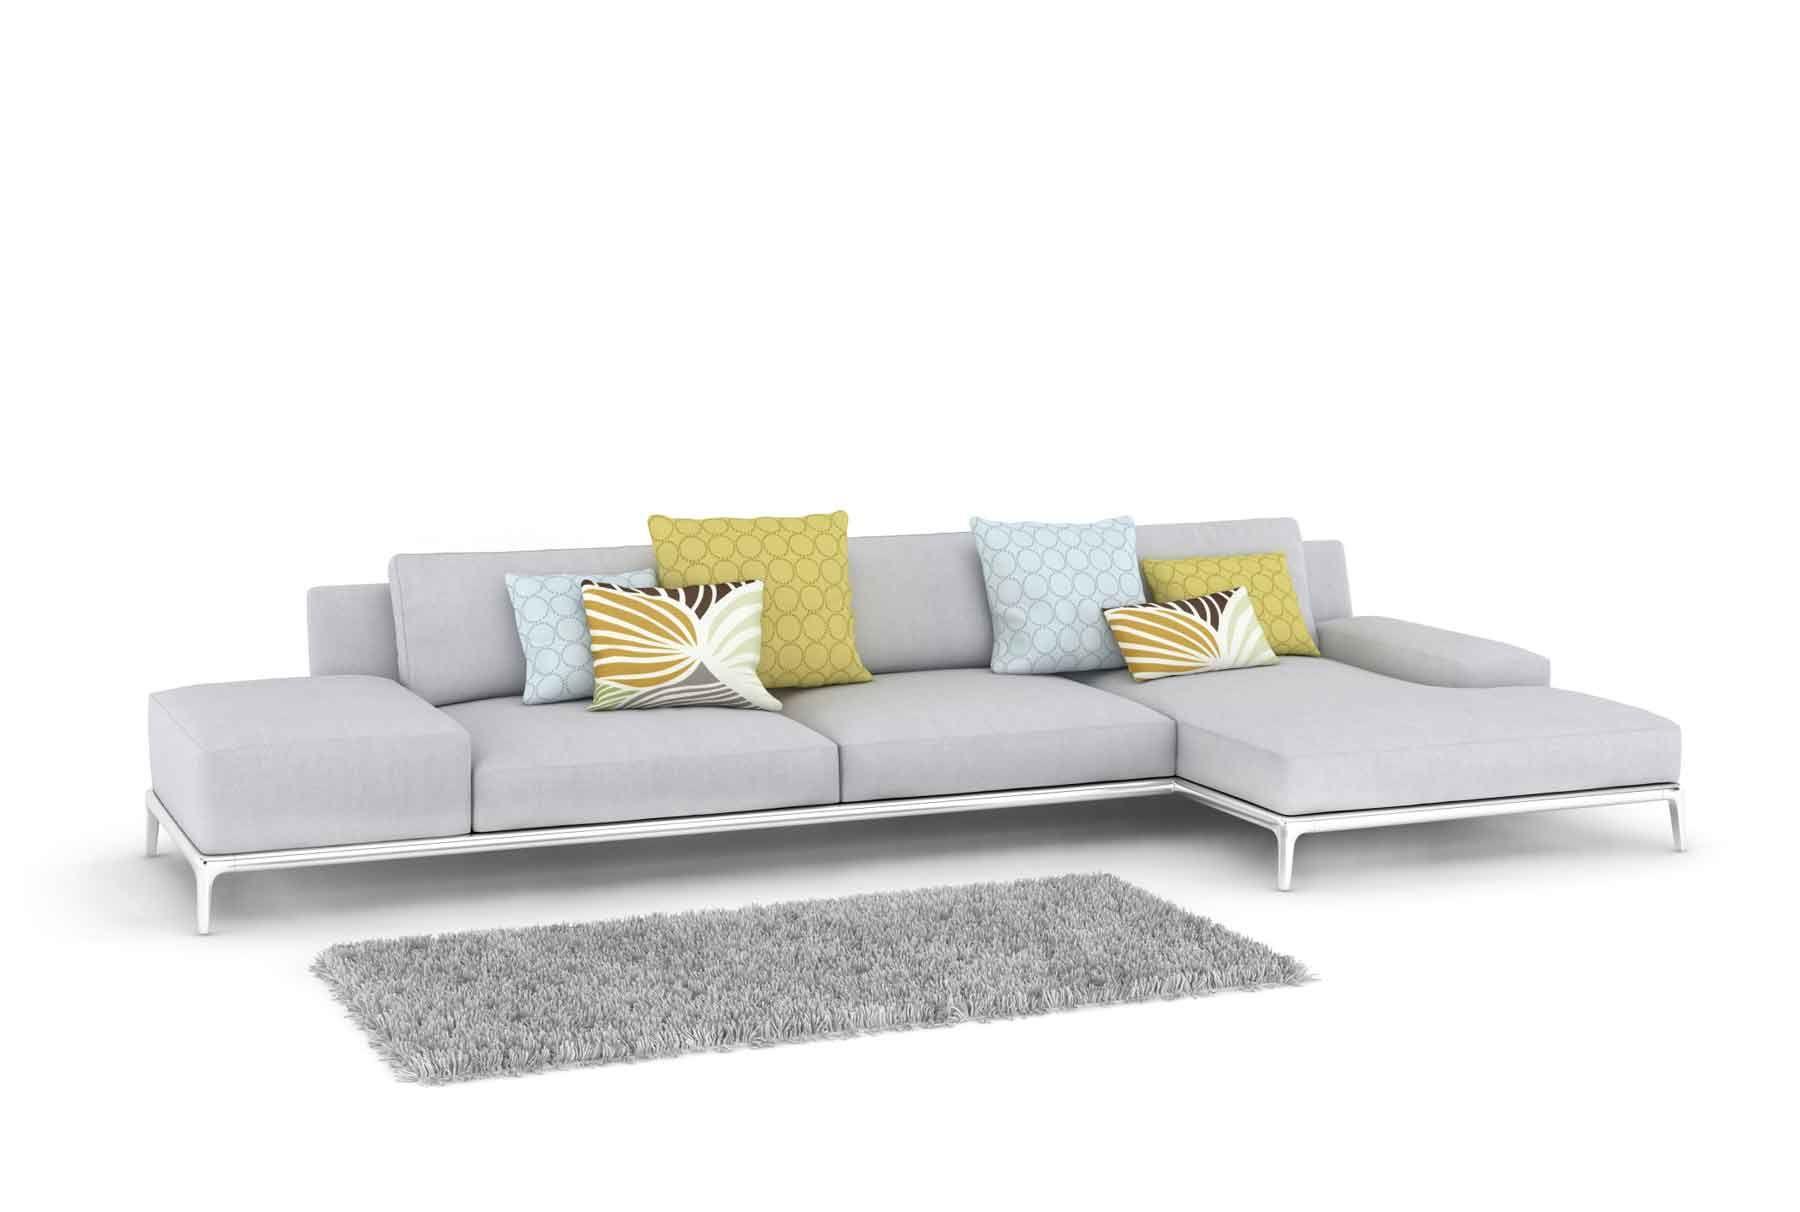 Décor lumineux avec un canapé gris